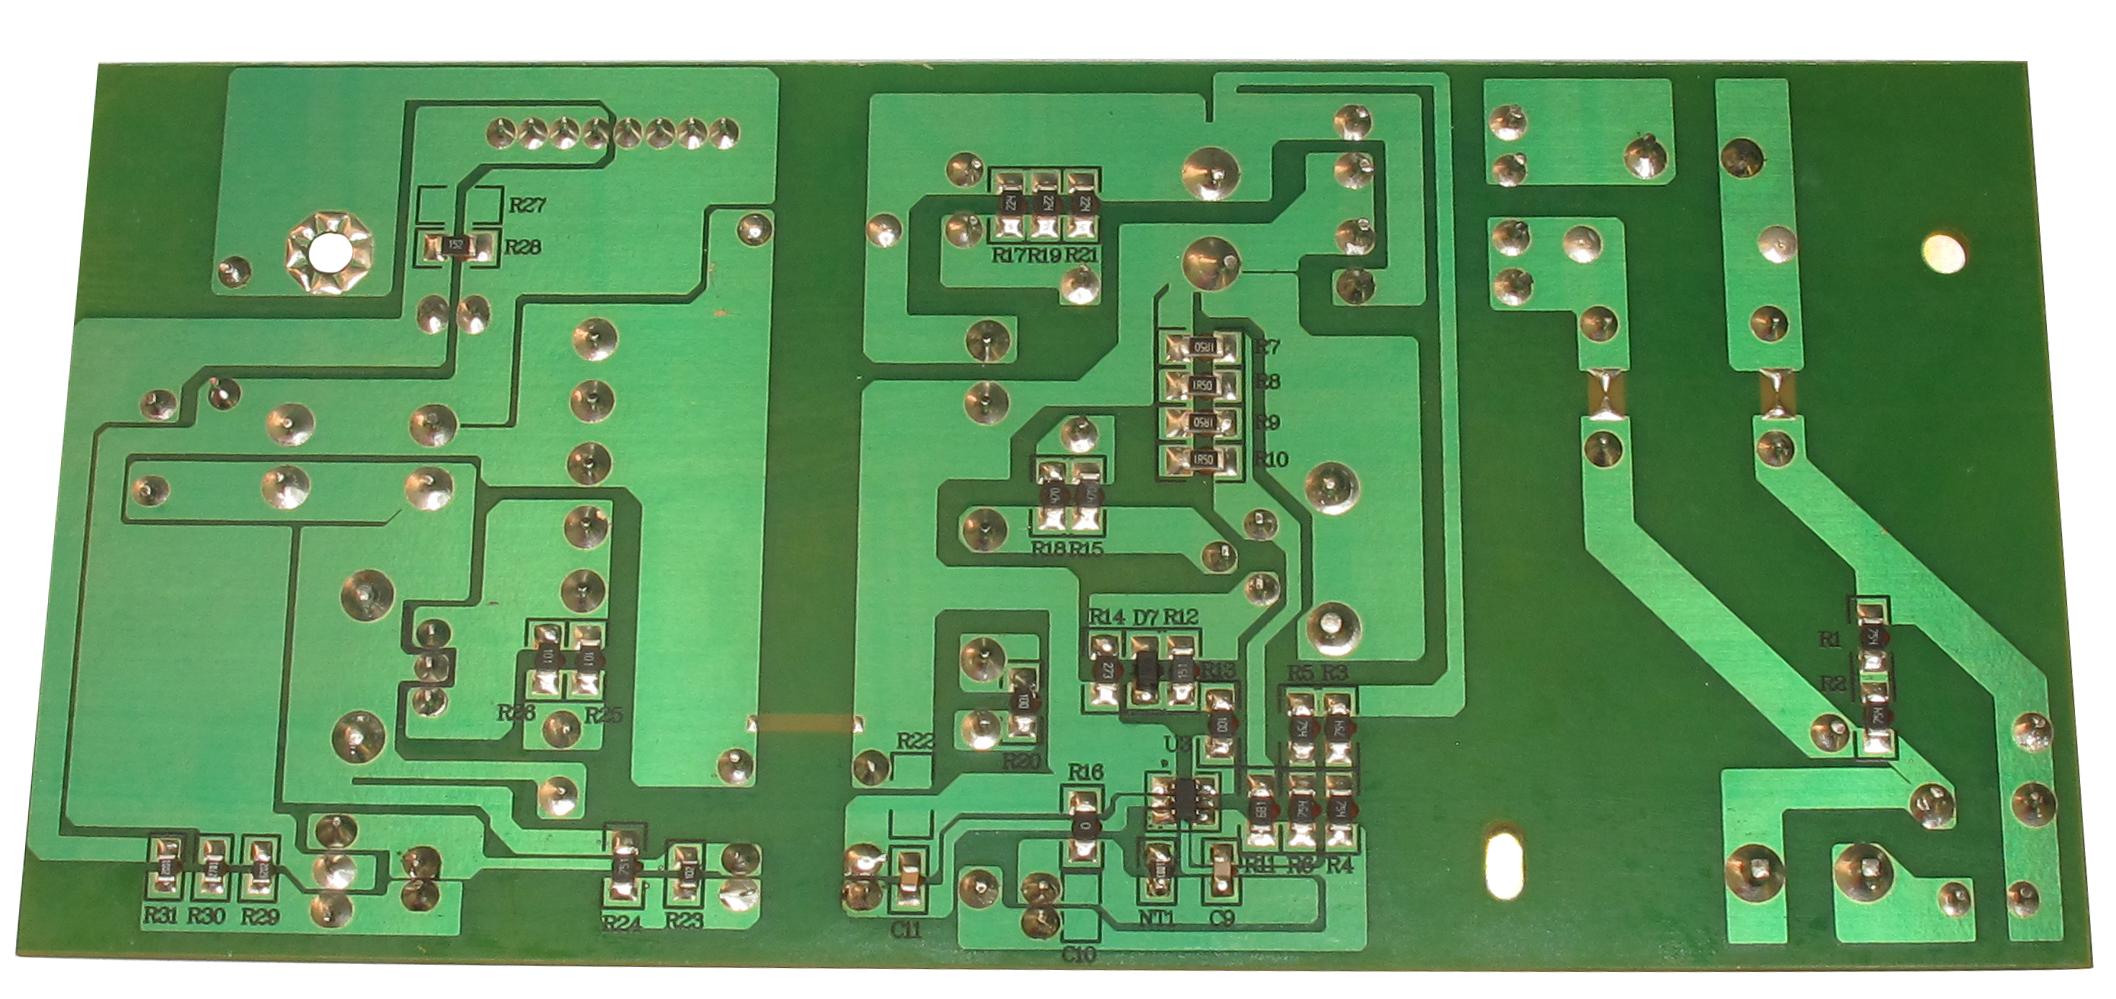 Блок питания спутникового ресивера gs 8300 схема блока питания